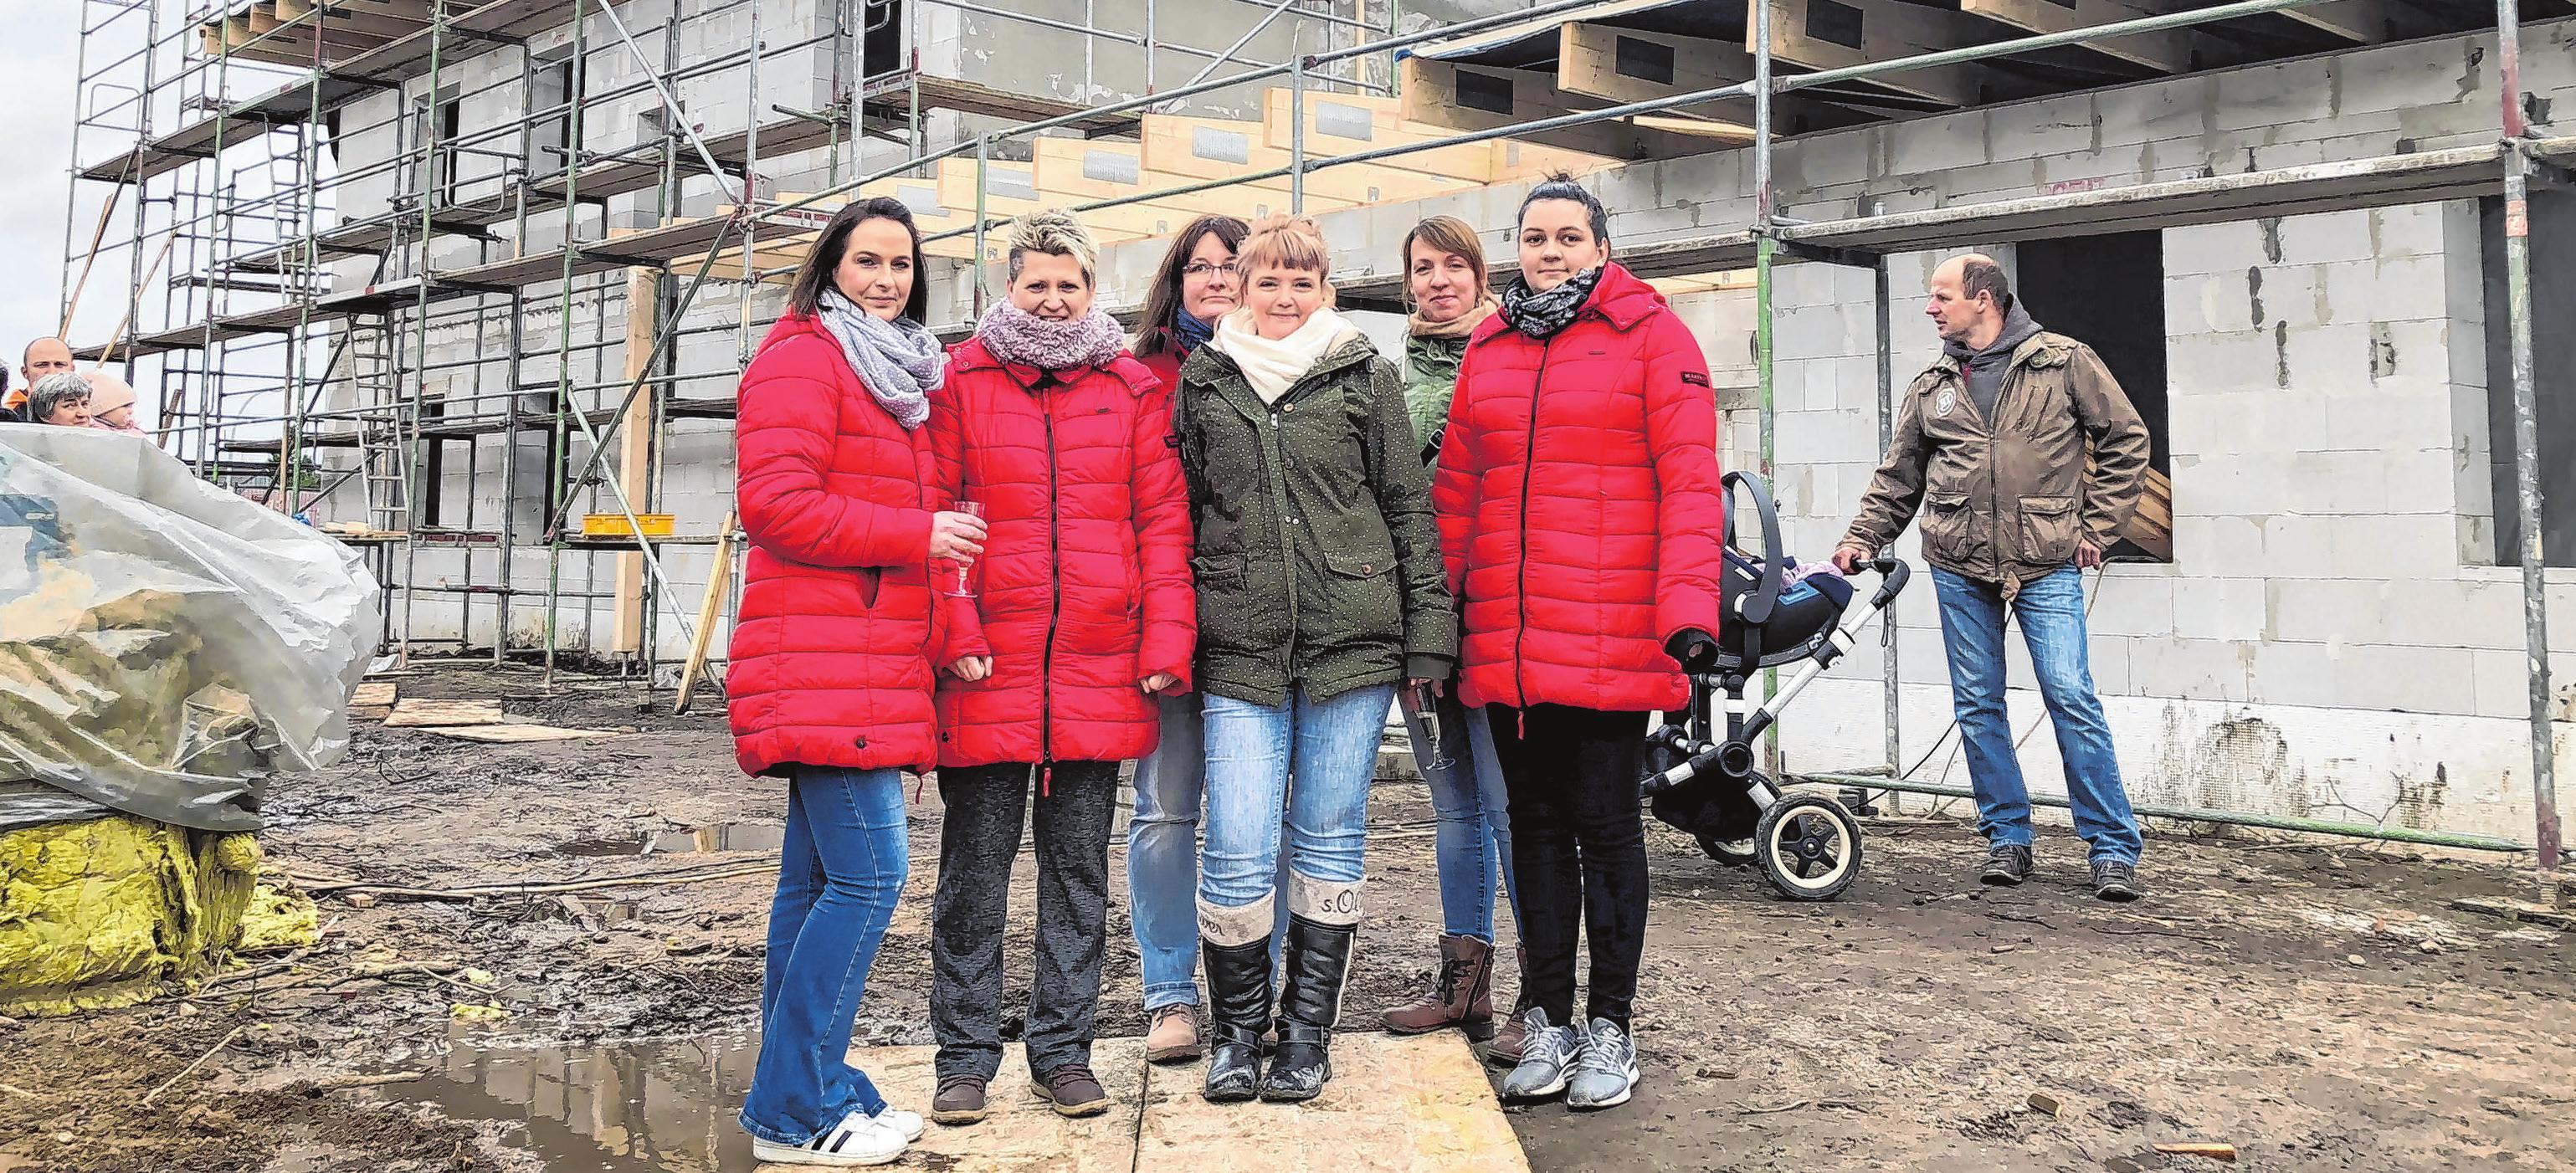 Beim Richtfest voller Vorfreude: Jacqueline Schauland, Mandy Gebert, Claudia Tischer, Nina Kawaletz-Gläntz, Jeniffer Helberg und Laura Feuerherrn (von links). Foto: kus